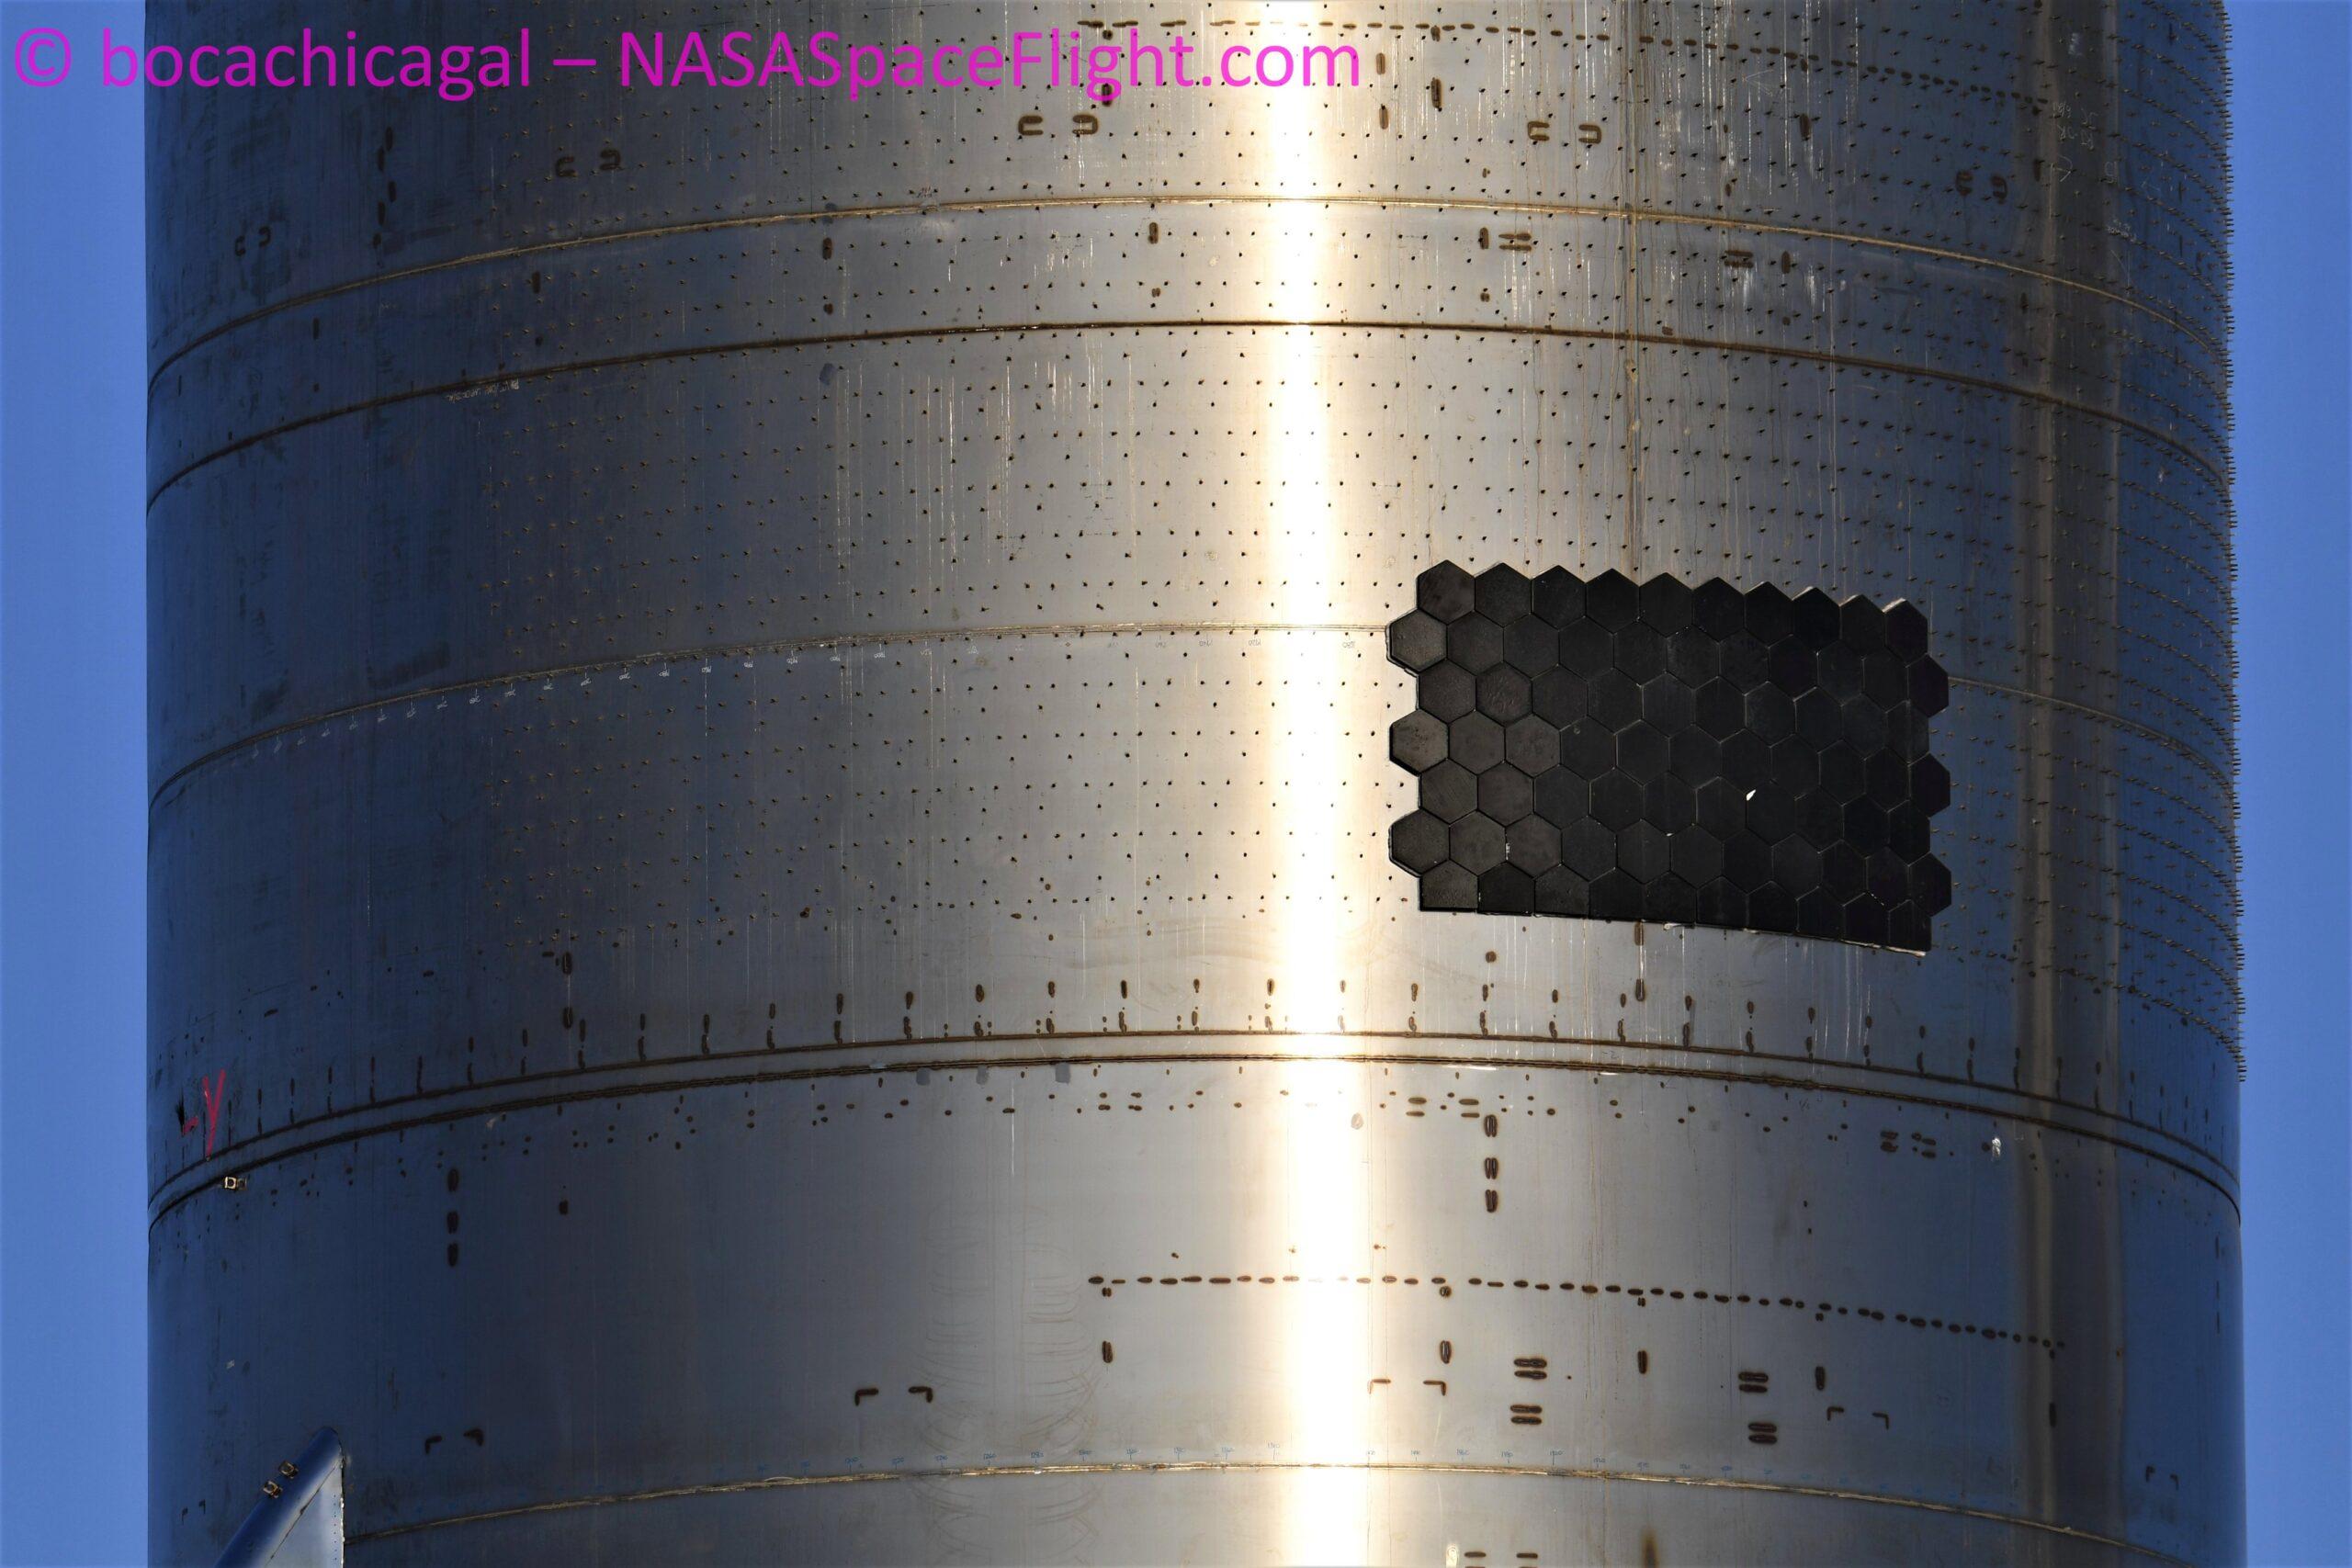 Una parte delle piastrelle che formeranno lo scudo termico, diverse da quelle di SN8. Credits: BocaChicaGal